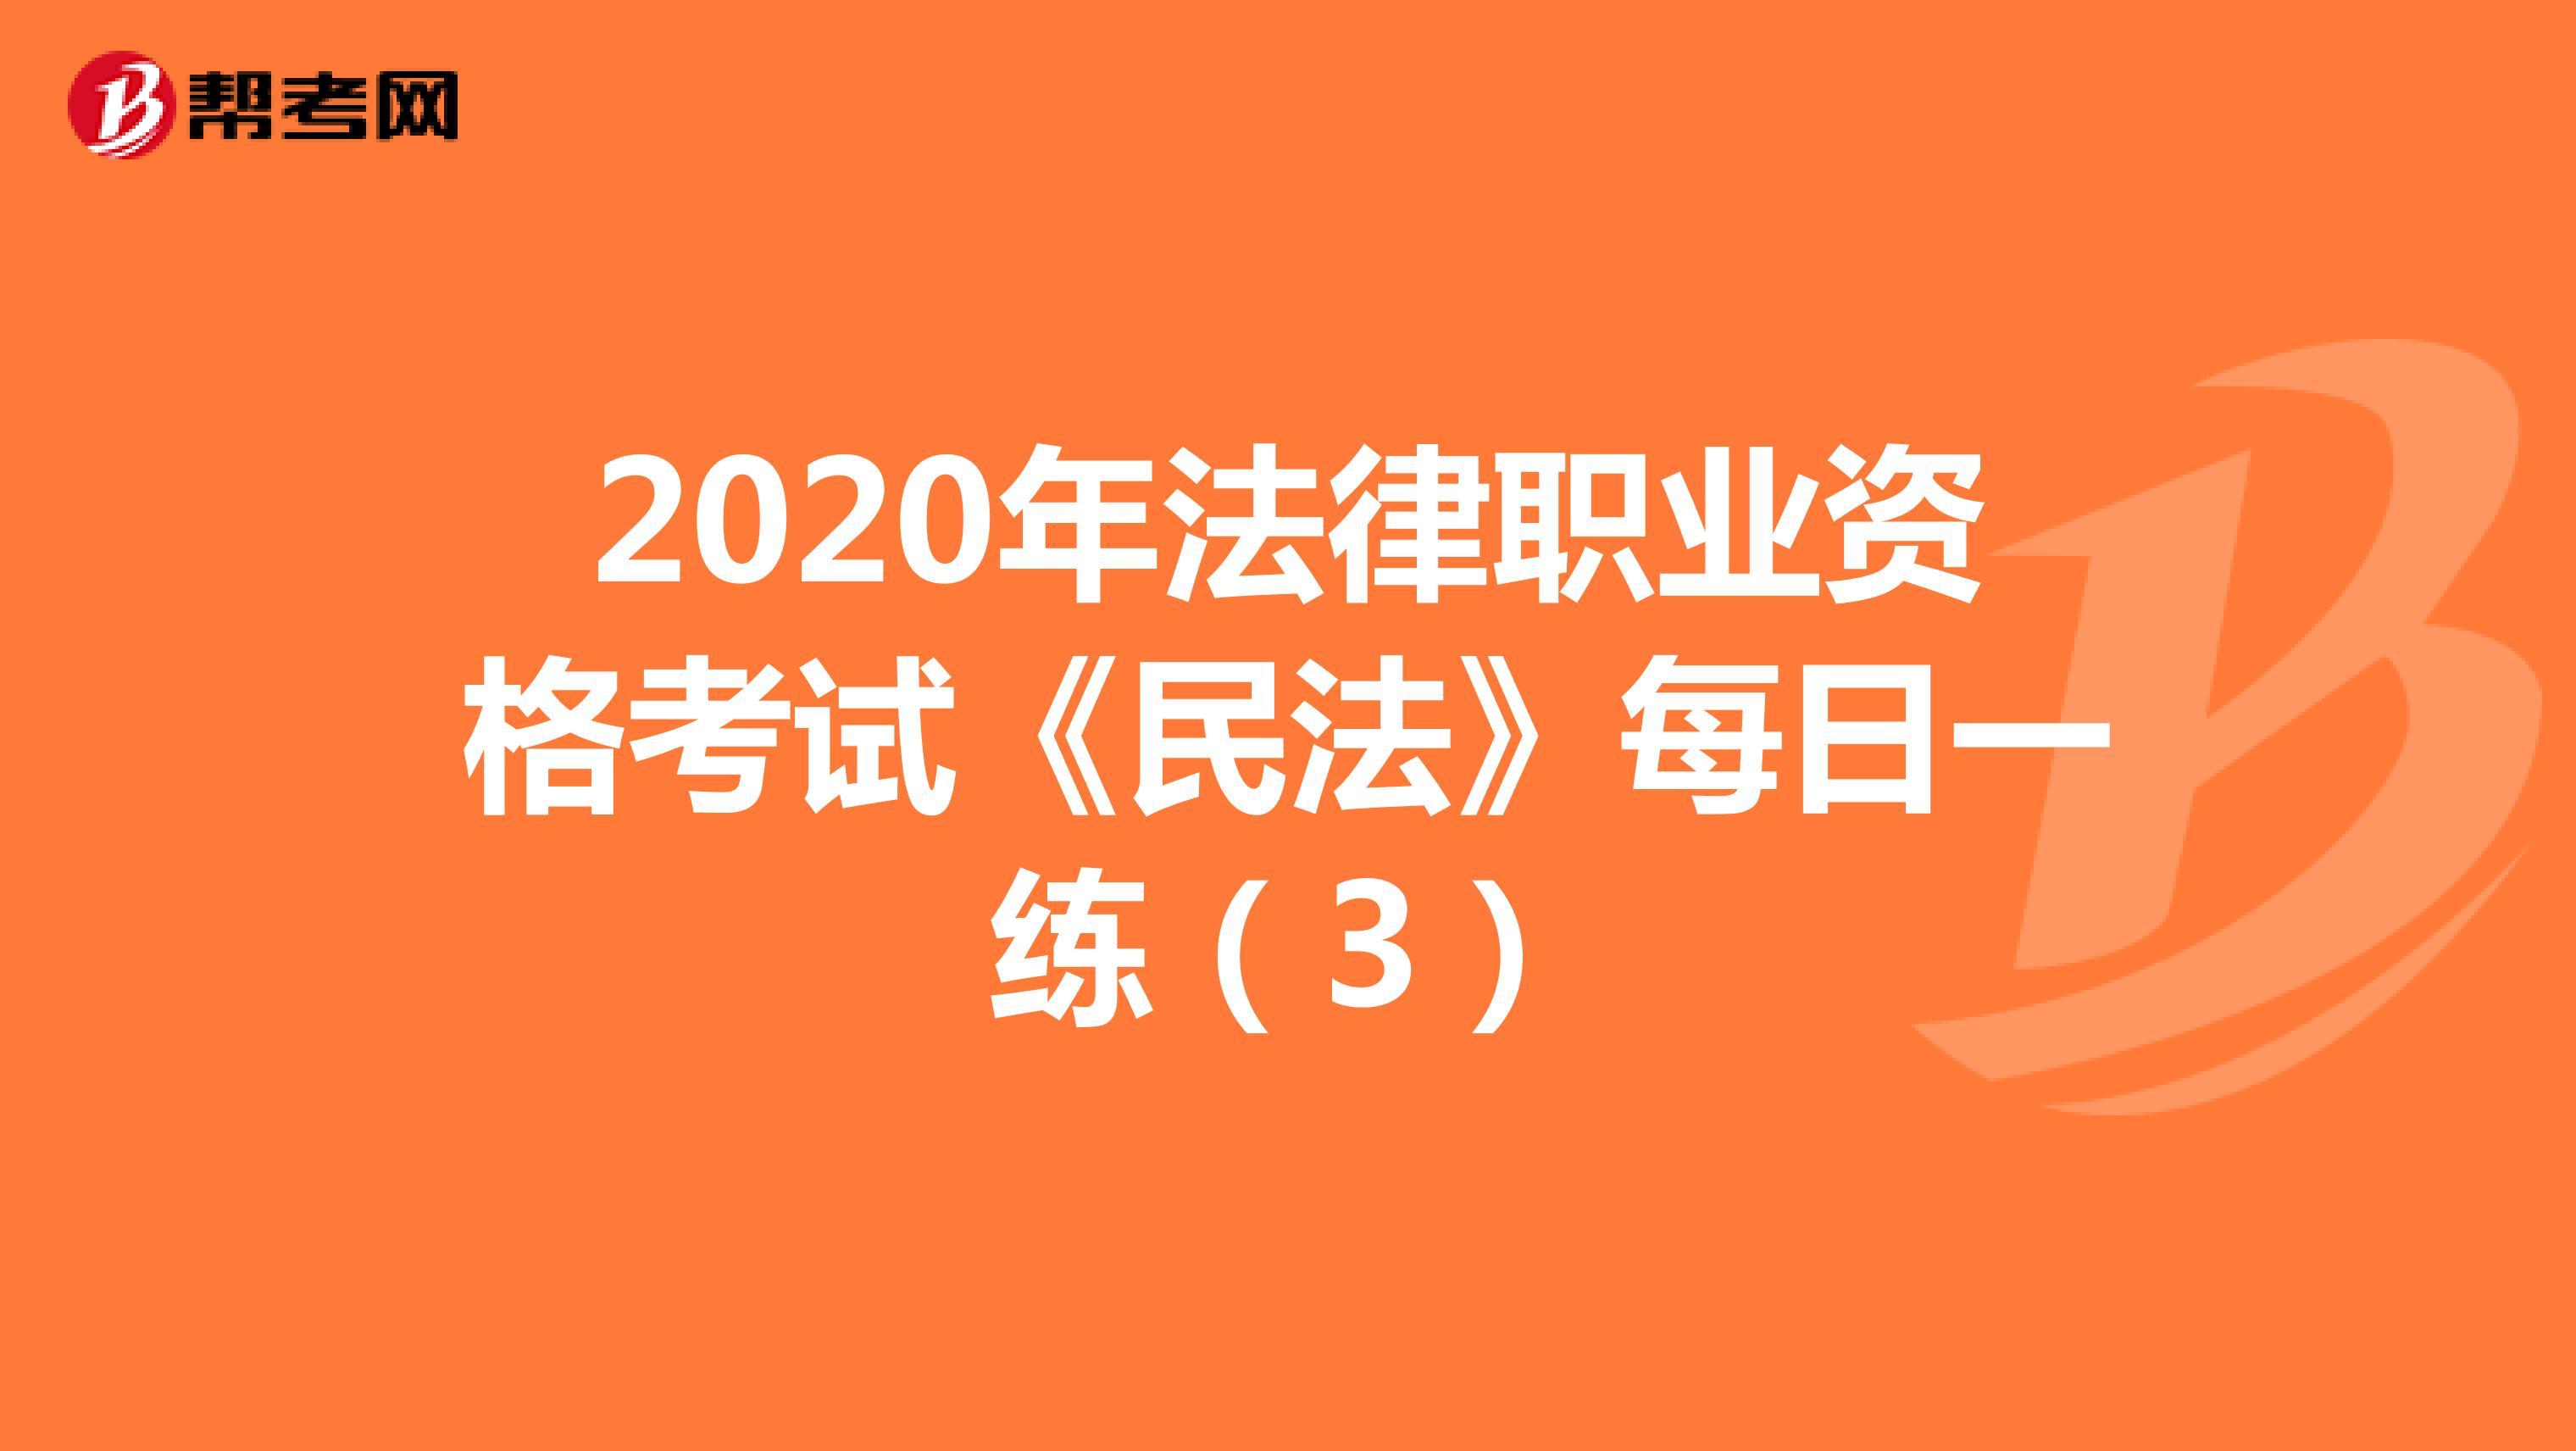 2020年法律职业资格考试《民法》每日一练(3)